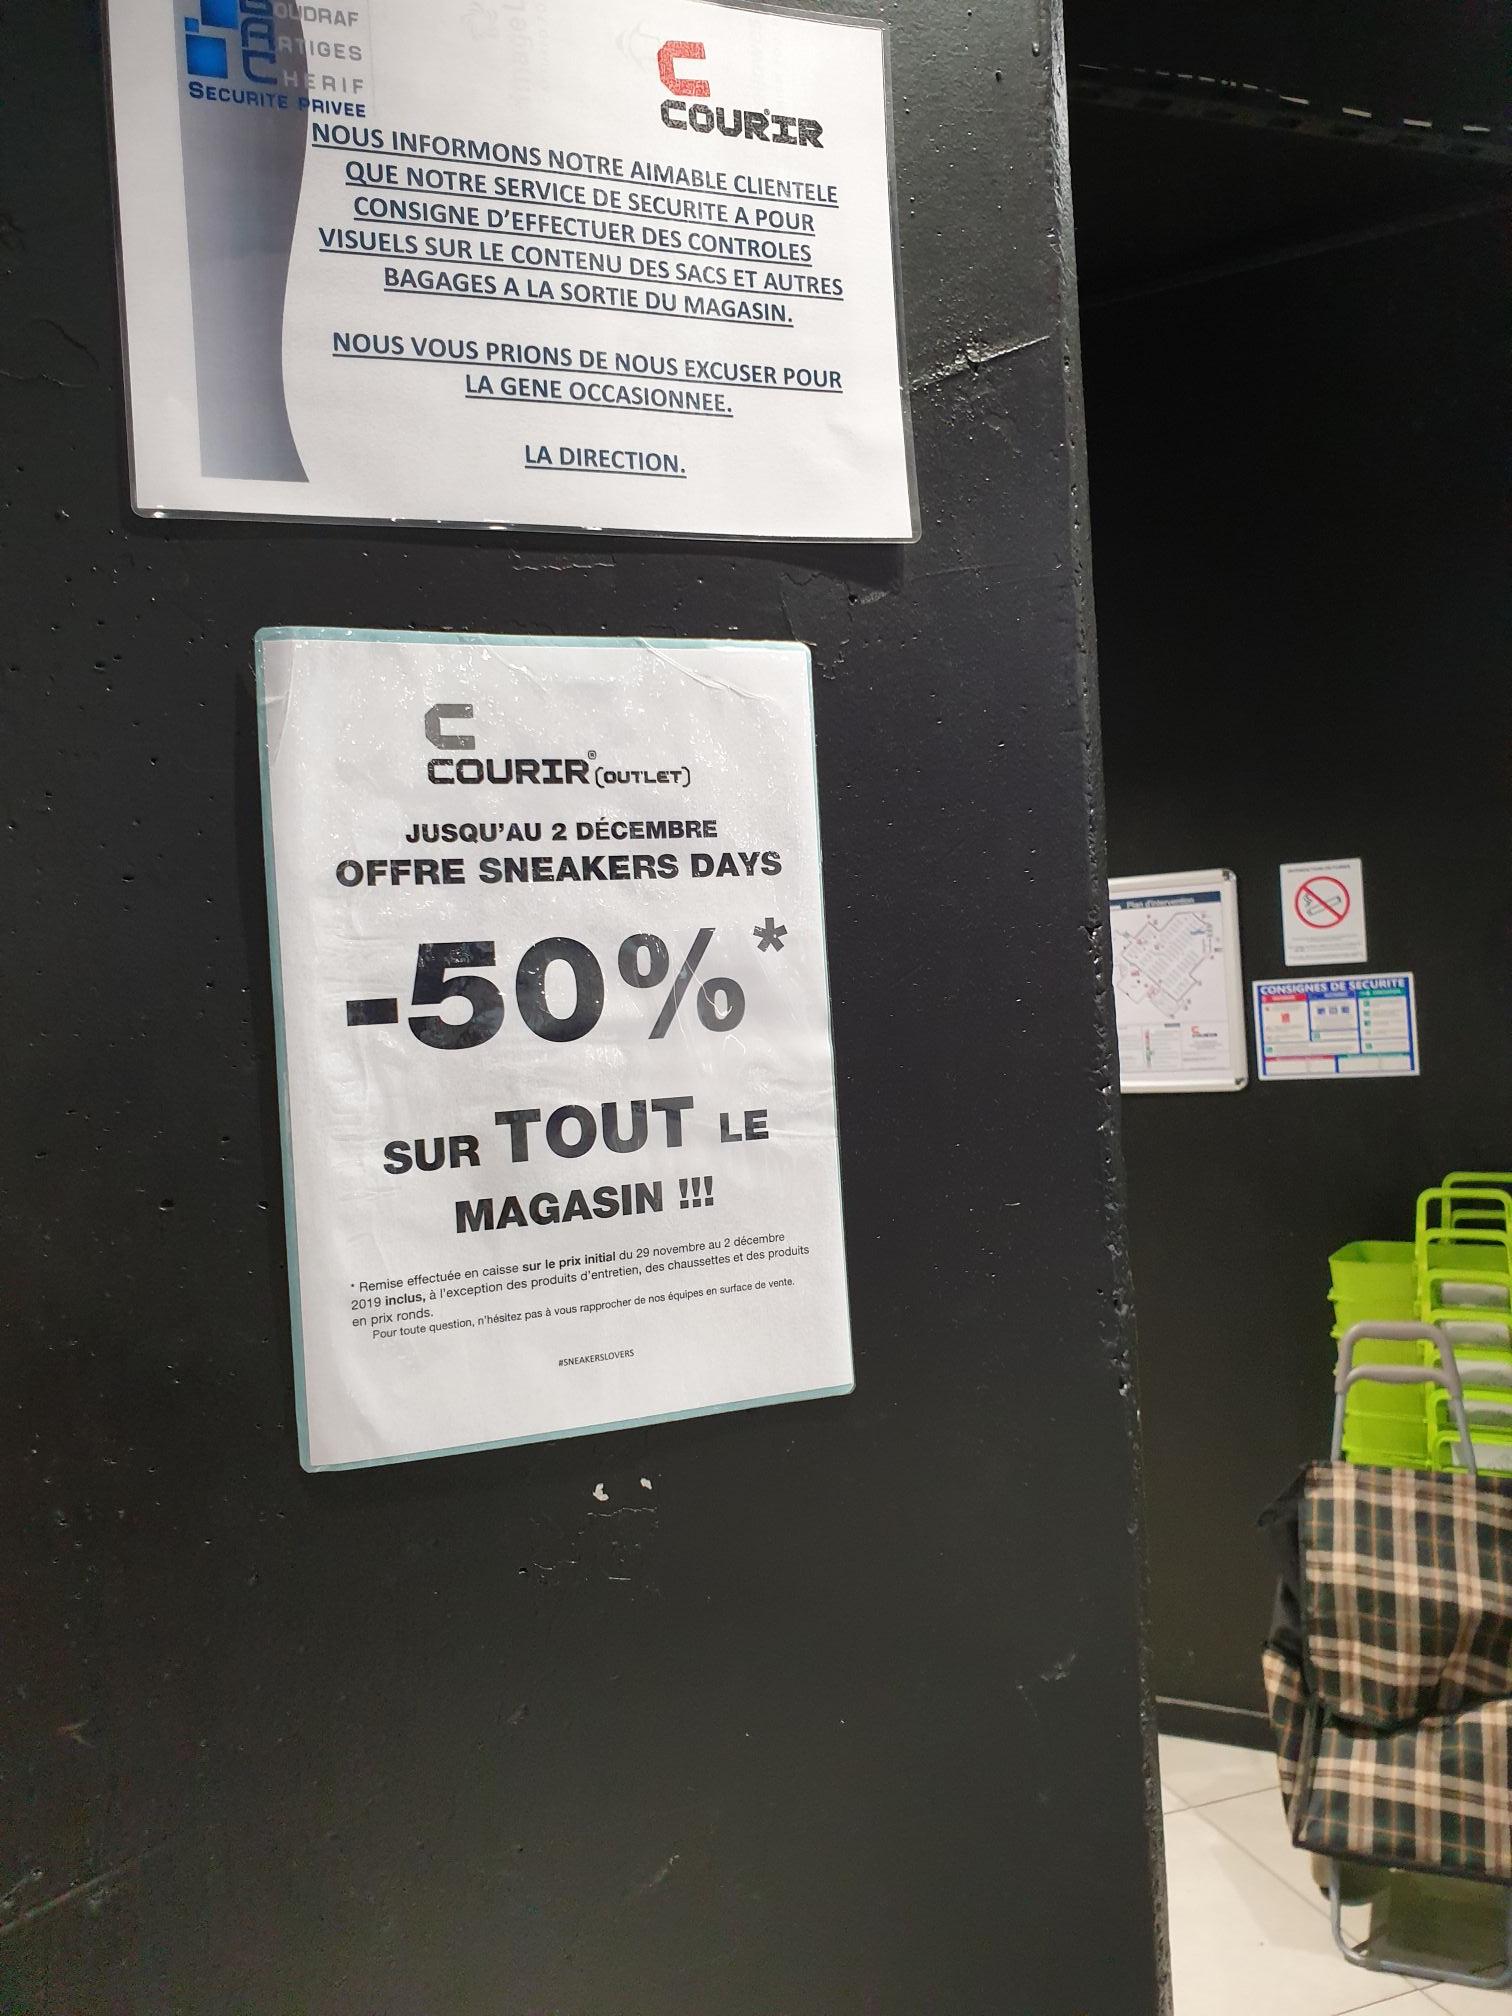 -50% sur tout le magasin - Courir Outlet Pantin (93500)